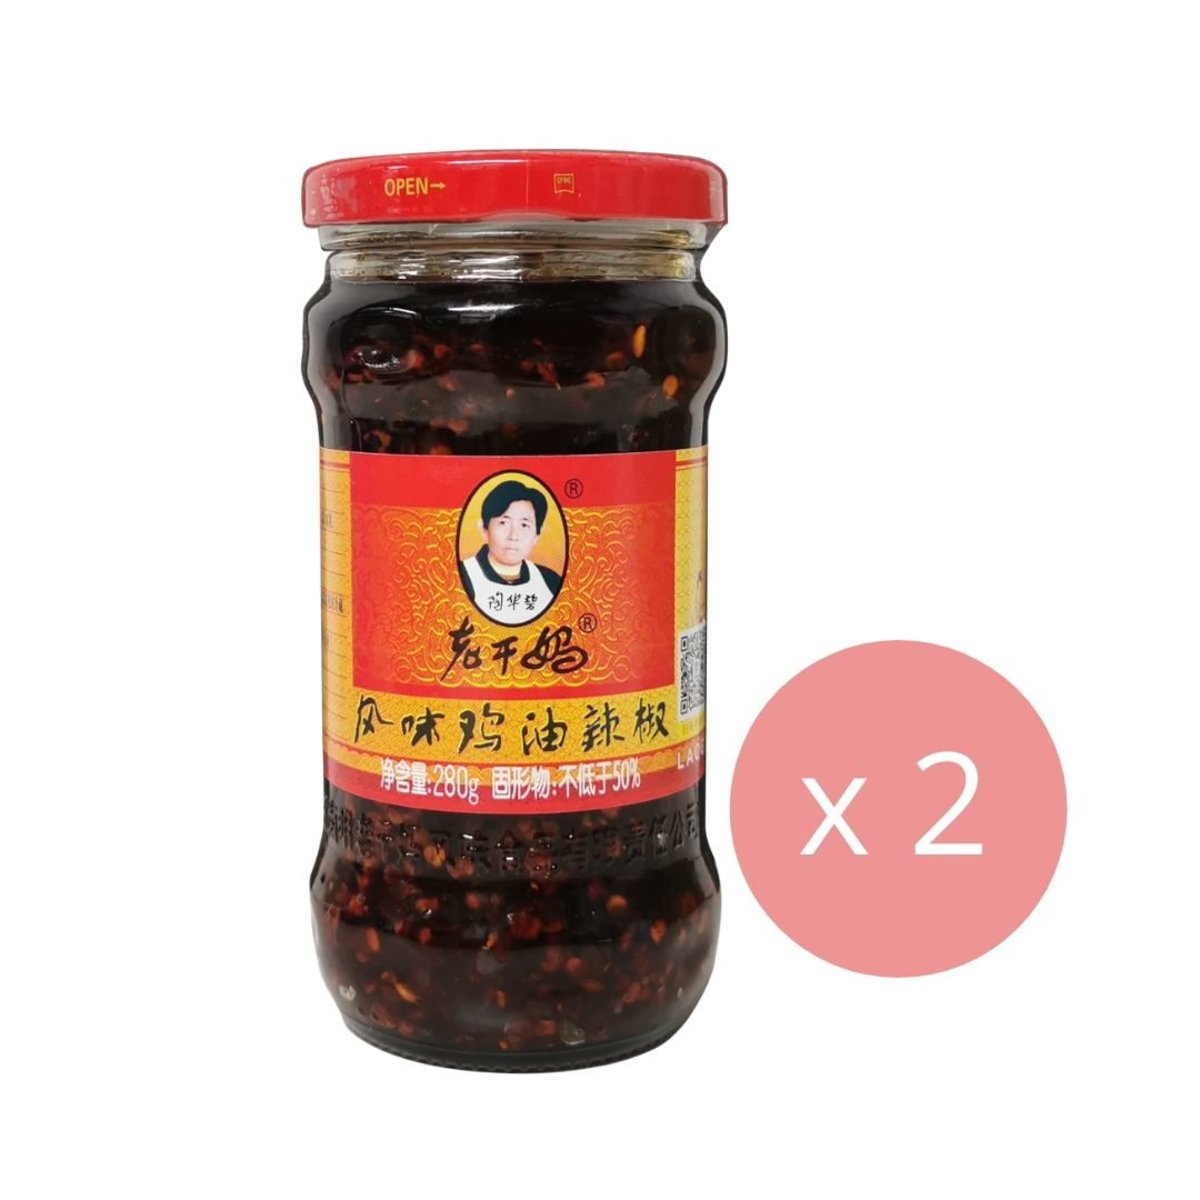 風味雞油辣椒(2支裝)